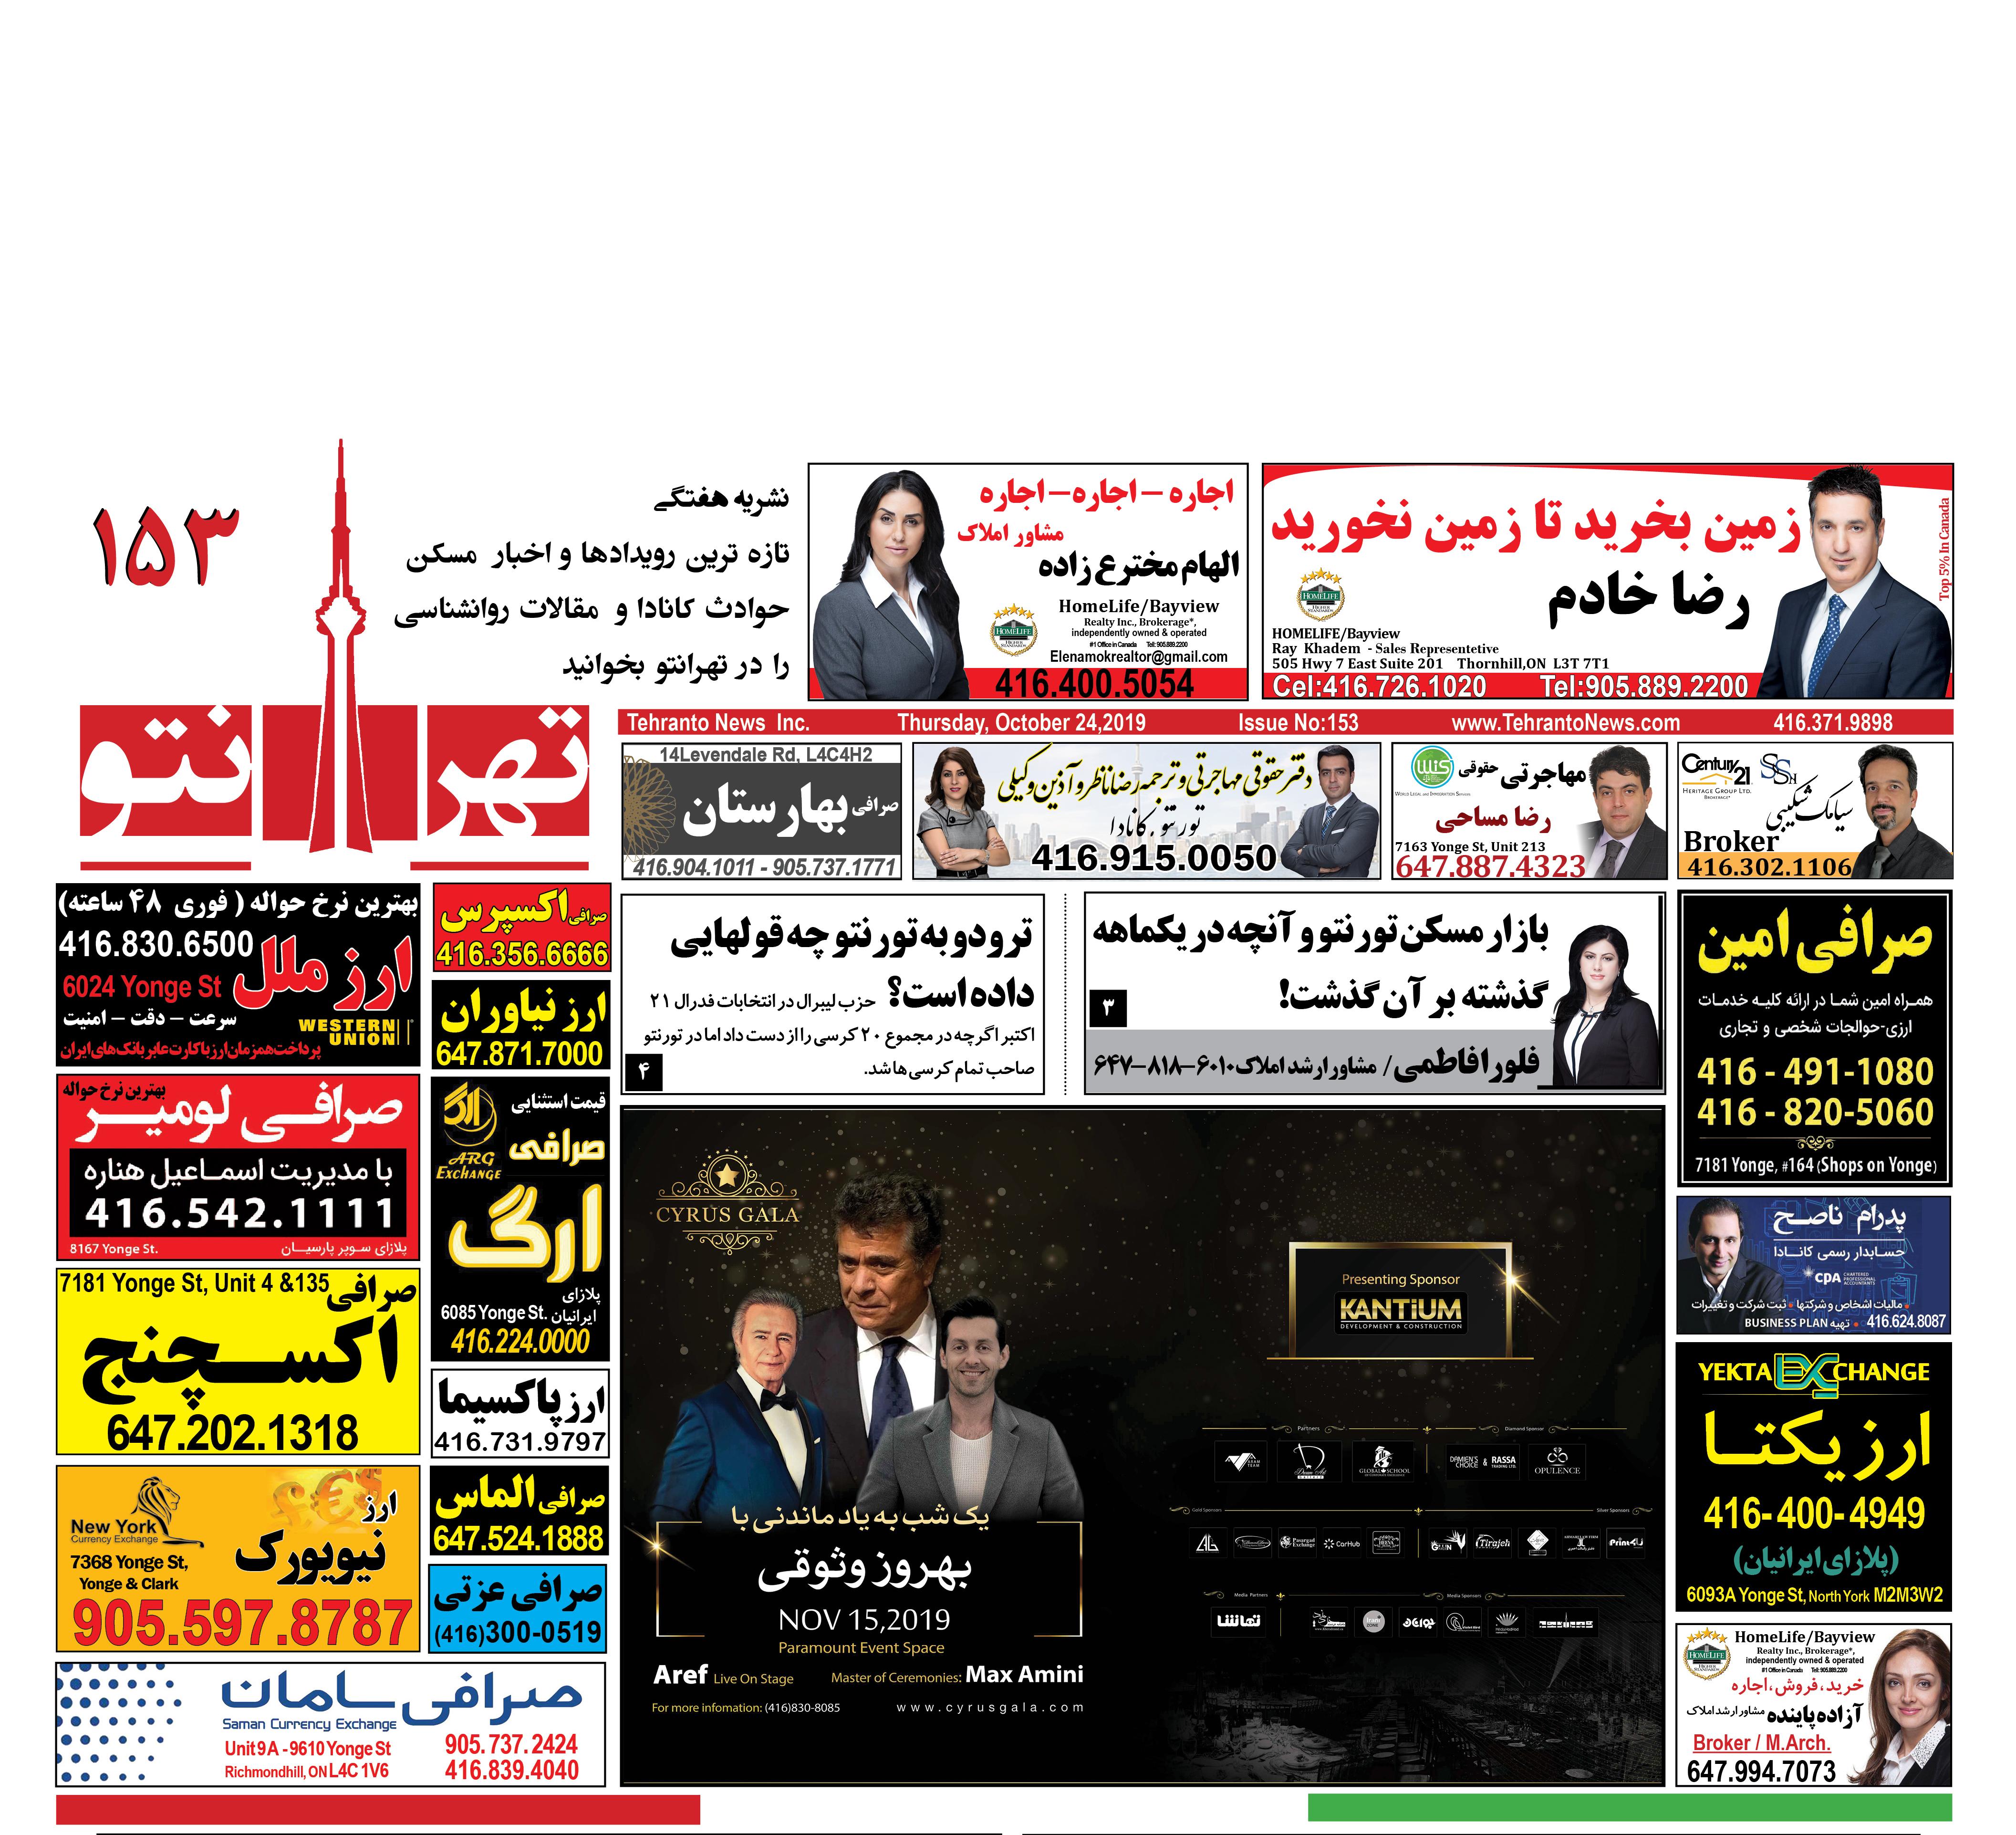 تصویر از نشریه شماره ۱۵۳ تهرانتو منتشر شد